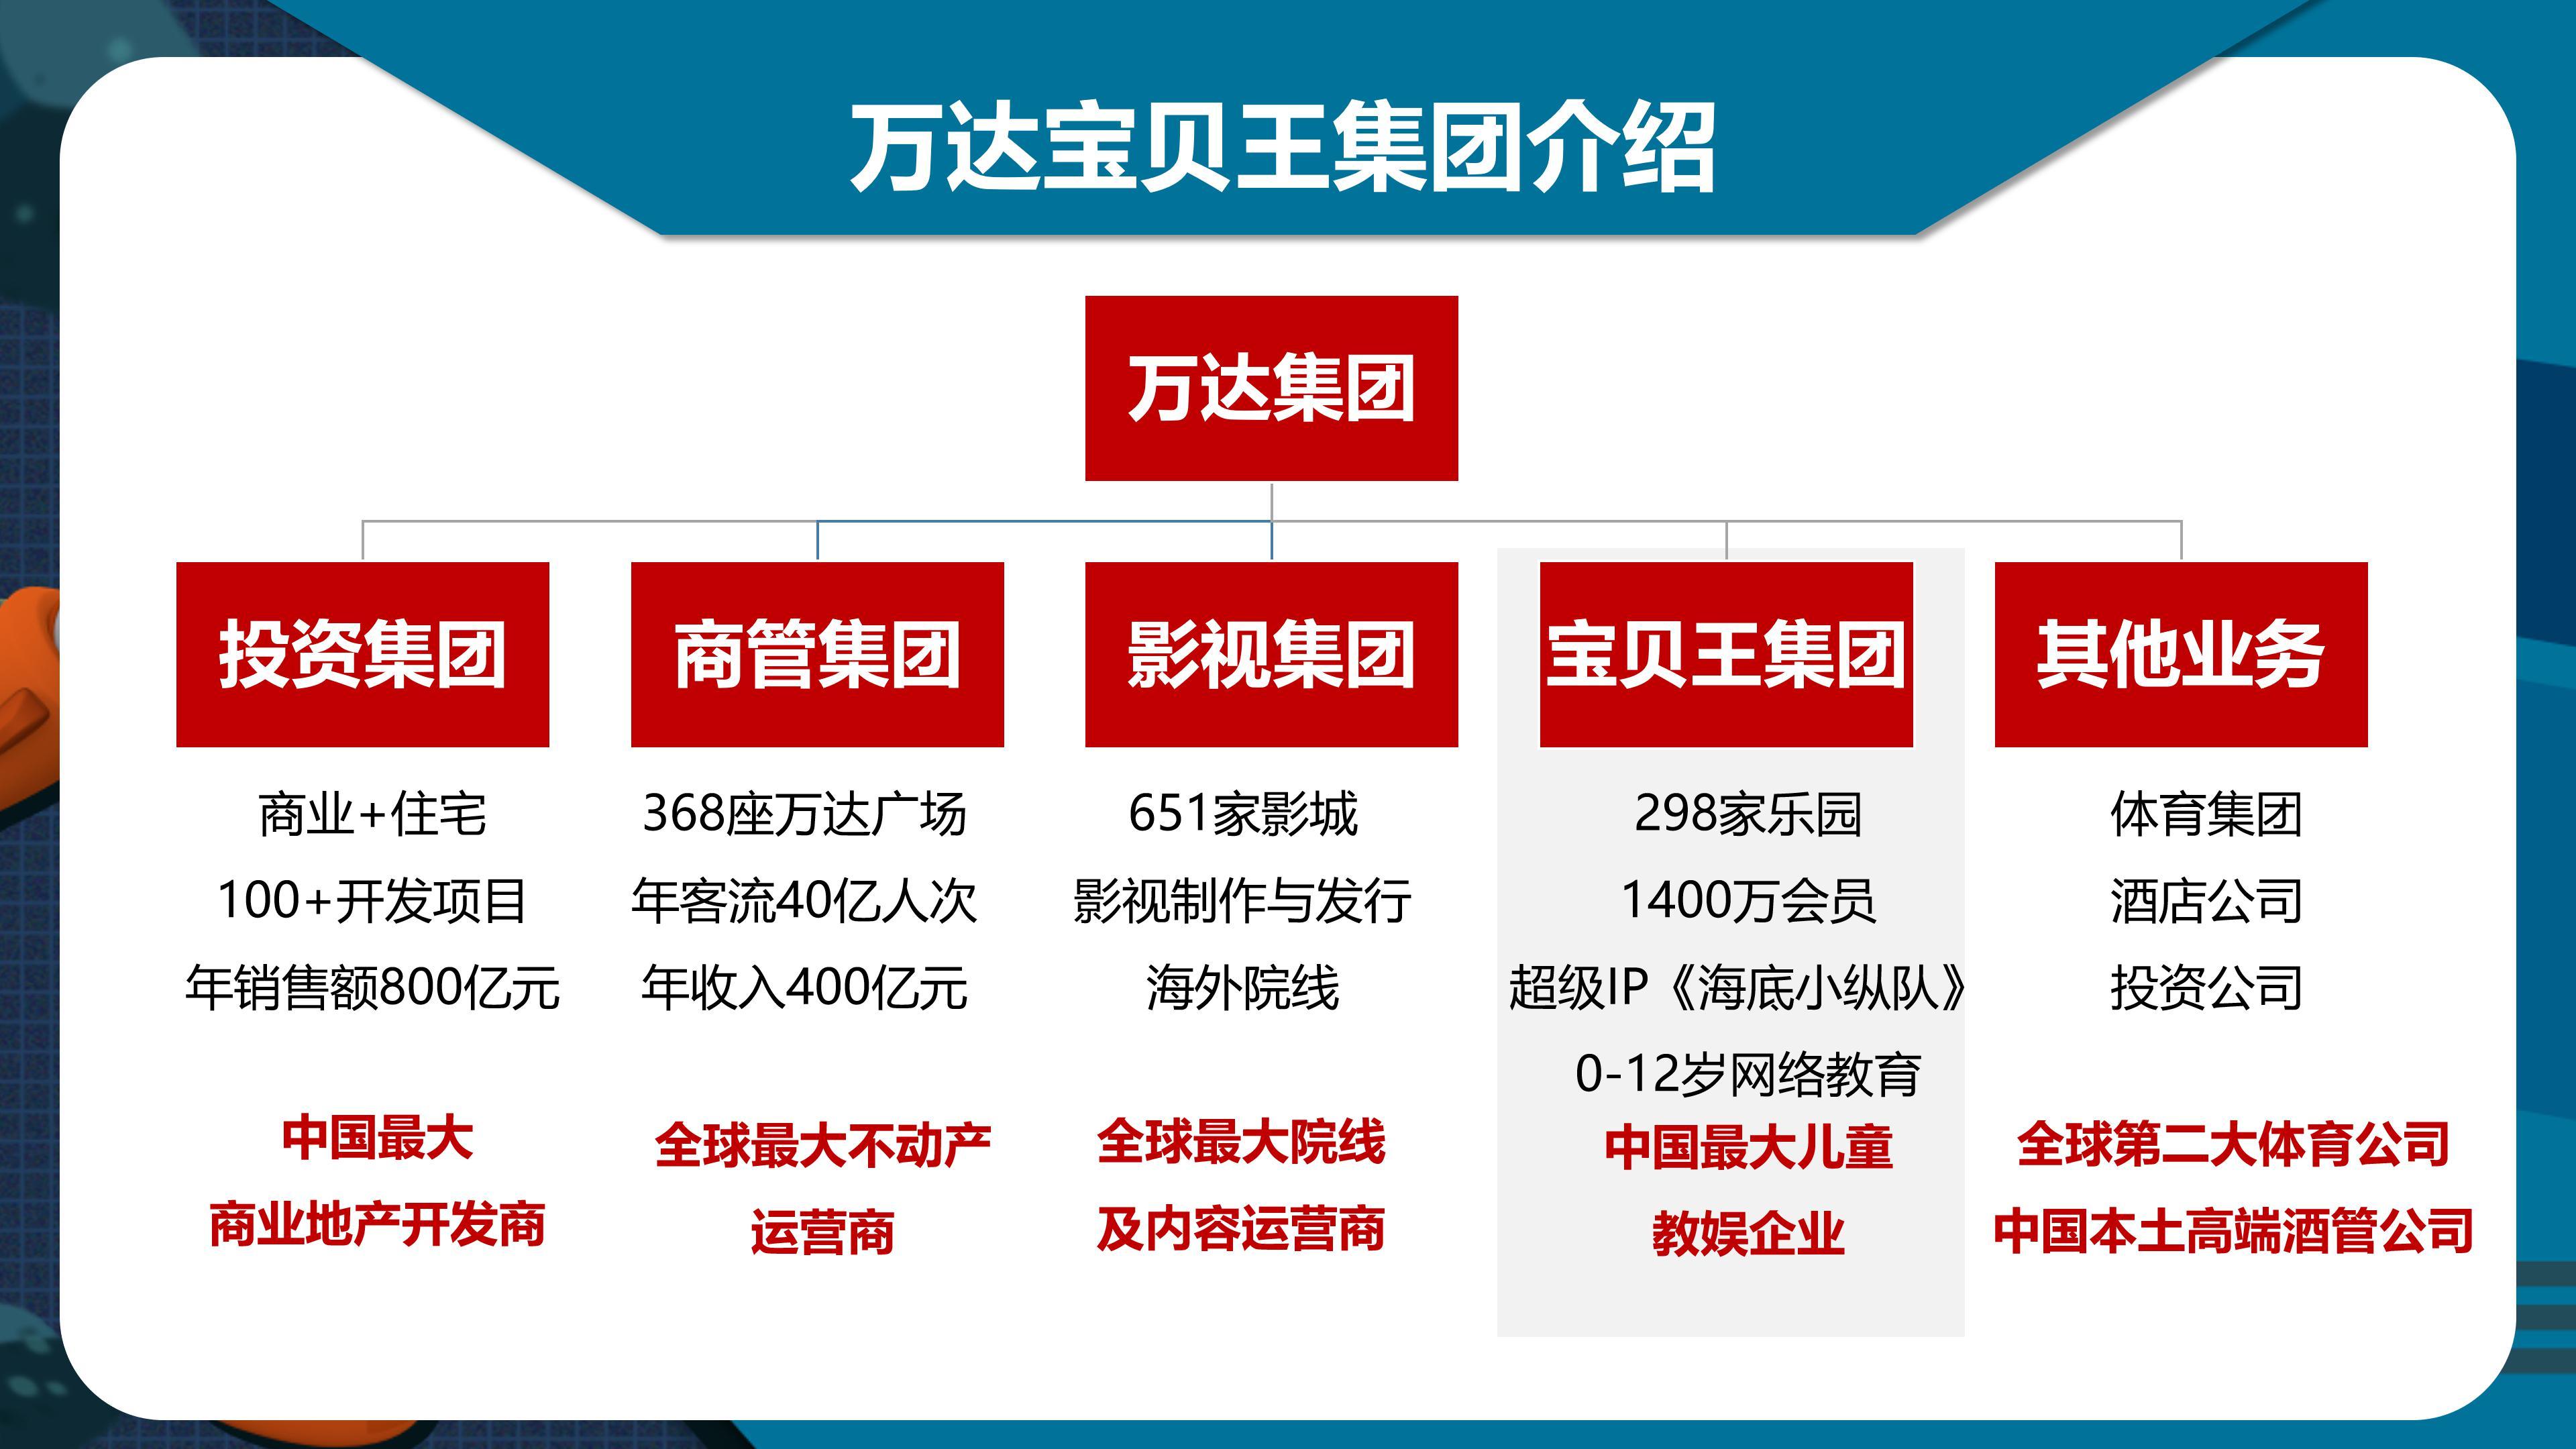 (202105对外版)-万达宝贝王IP介绍_03.jpg